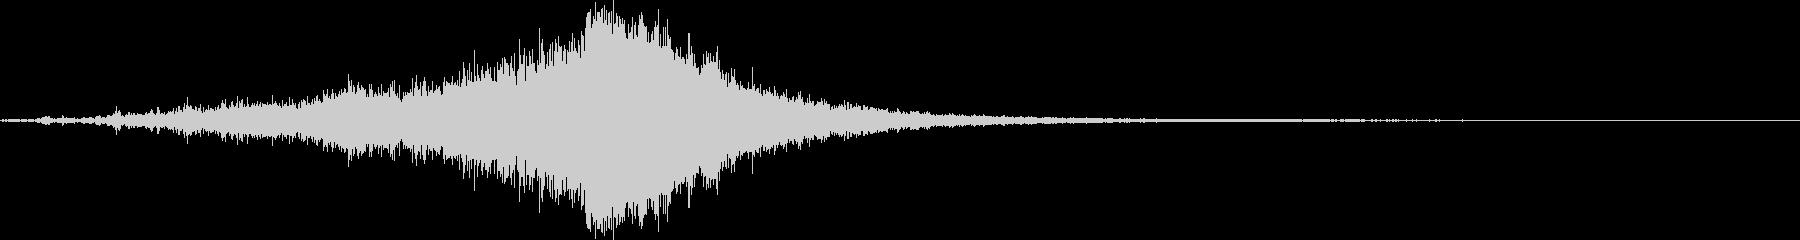 スプラッシュシンバルのロールの未再生の波形